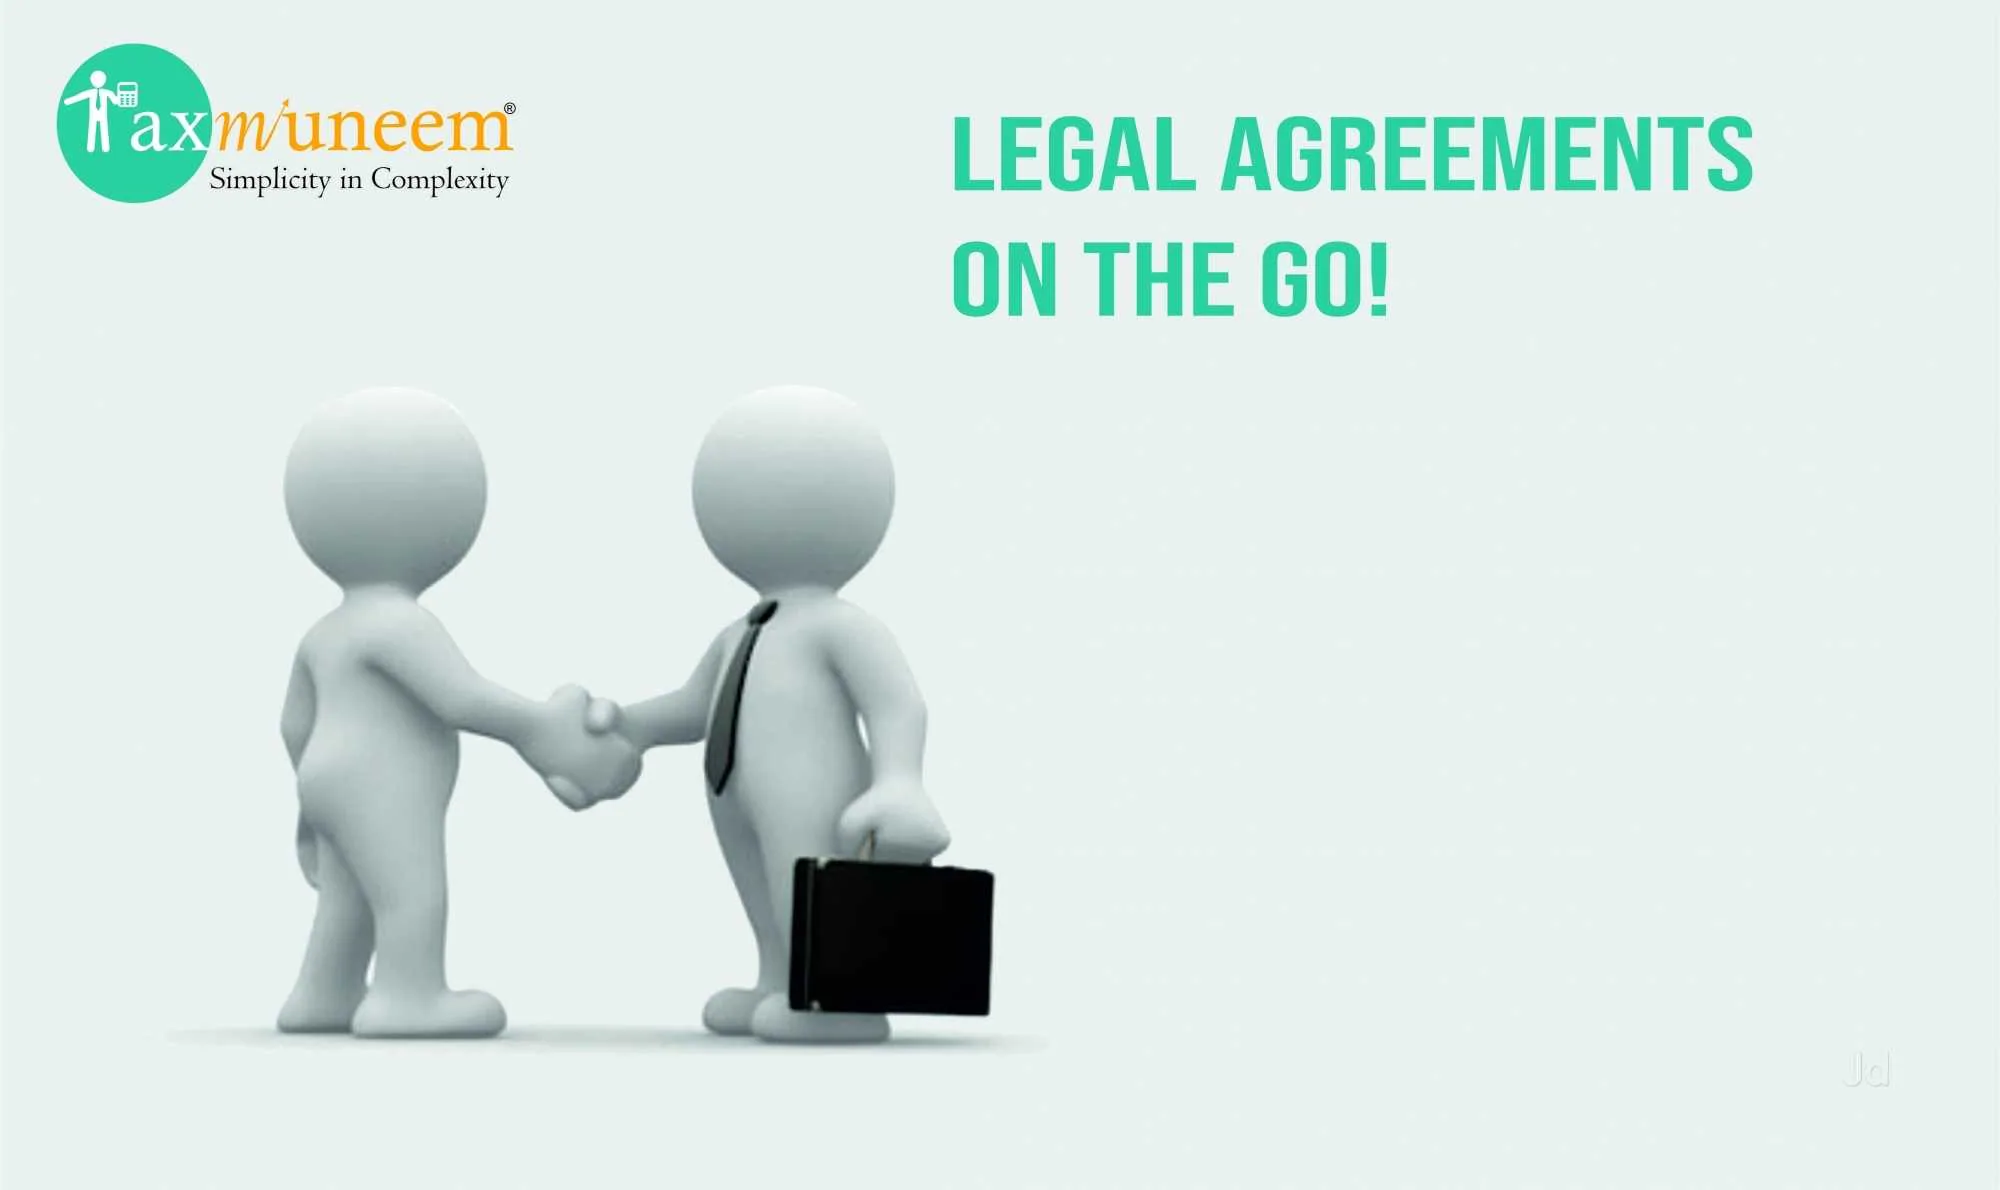 Taxmuneem Legal Services Pvt Ltd